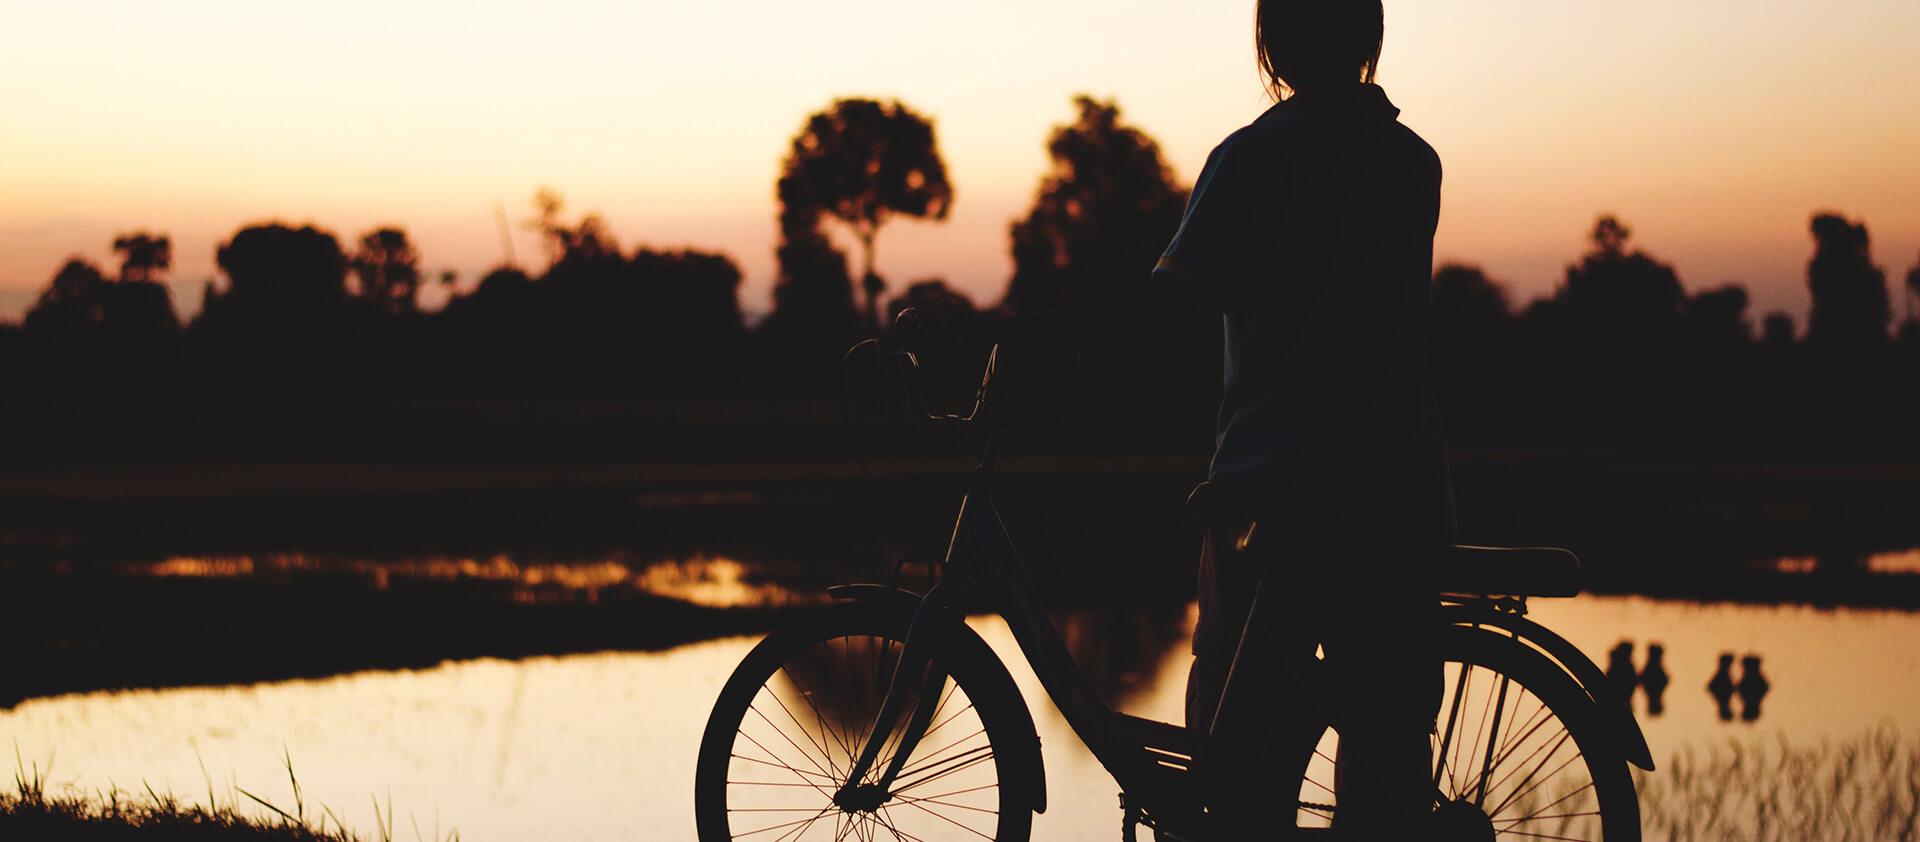 Balade à vélo en bord de lac au coucher de soleil